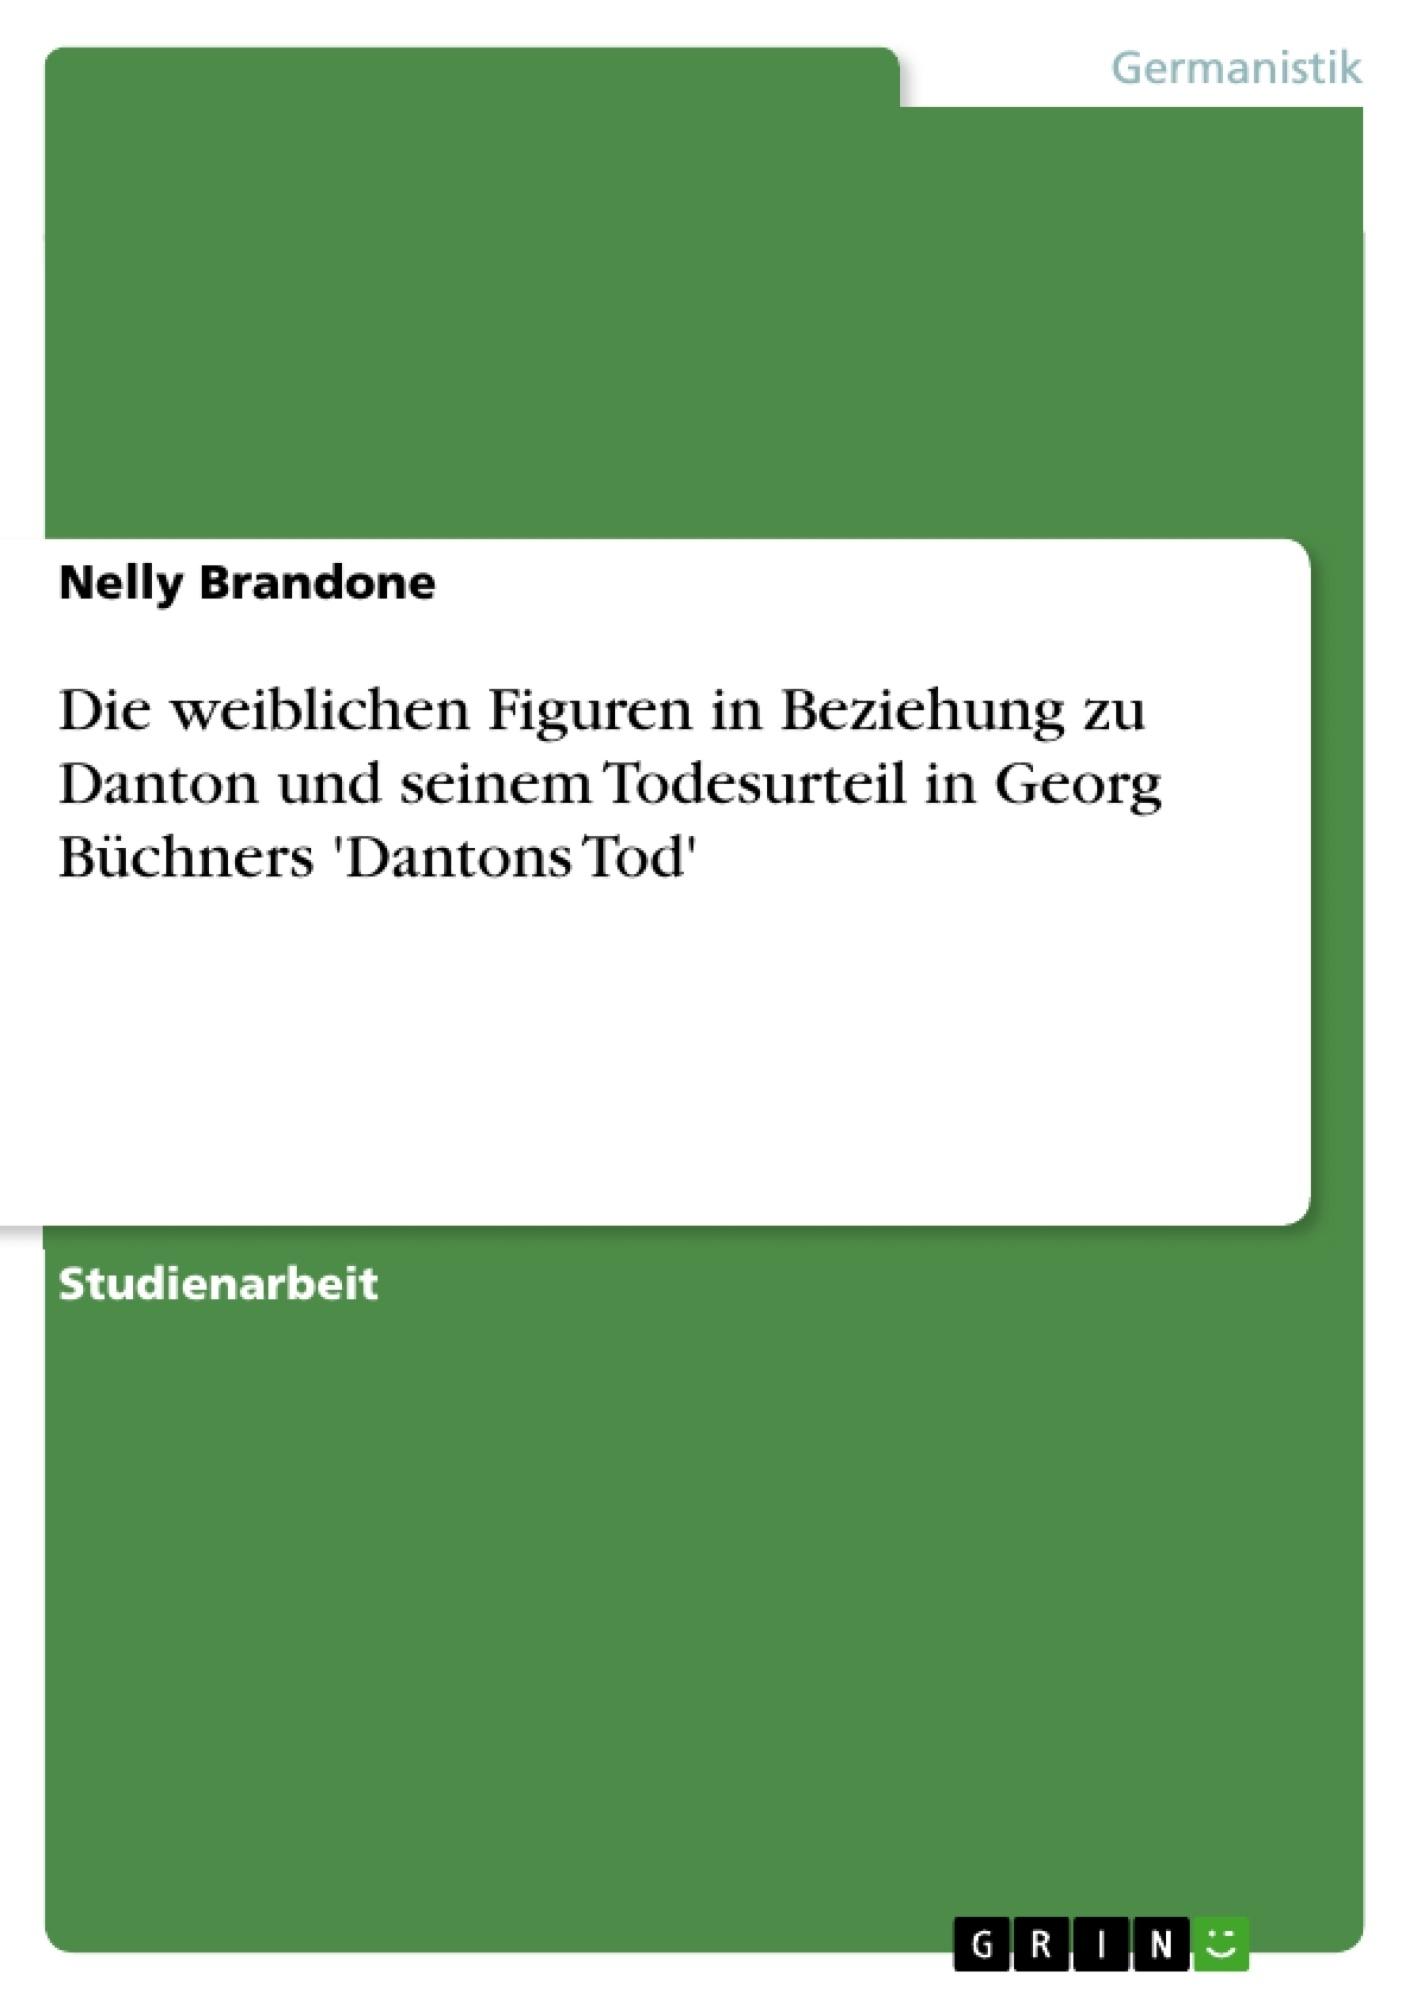 Titel: Die weiblichen Figuren in Beziehung zu Danton und seinem Todesurteil in Georg Büchners 'Dantons Tod'